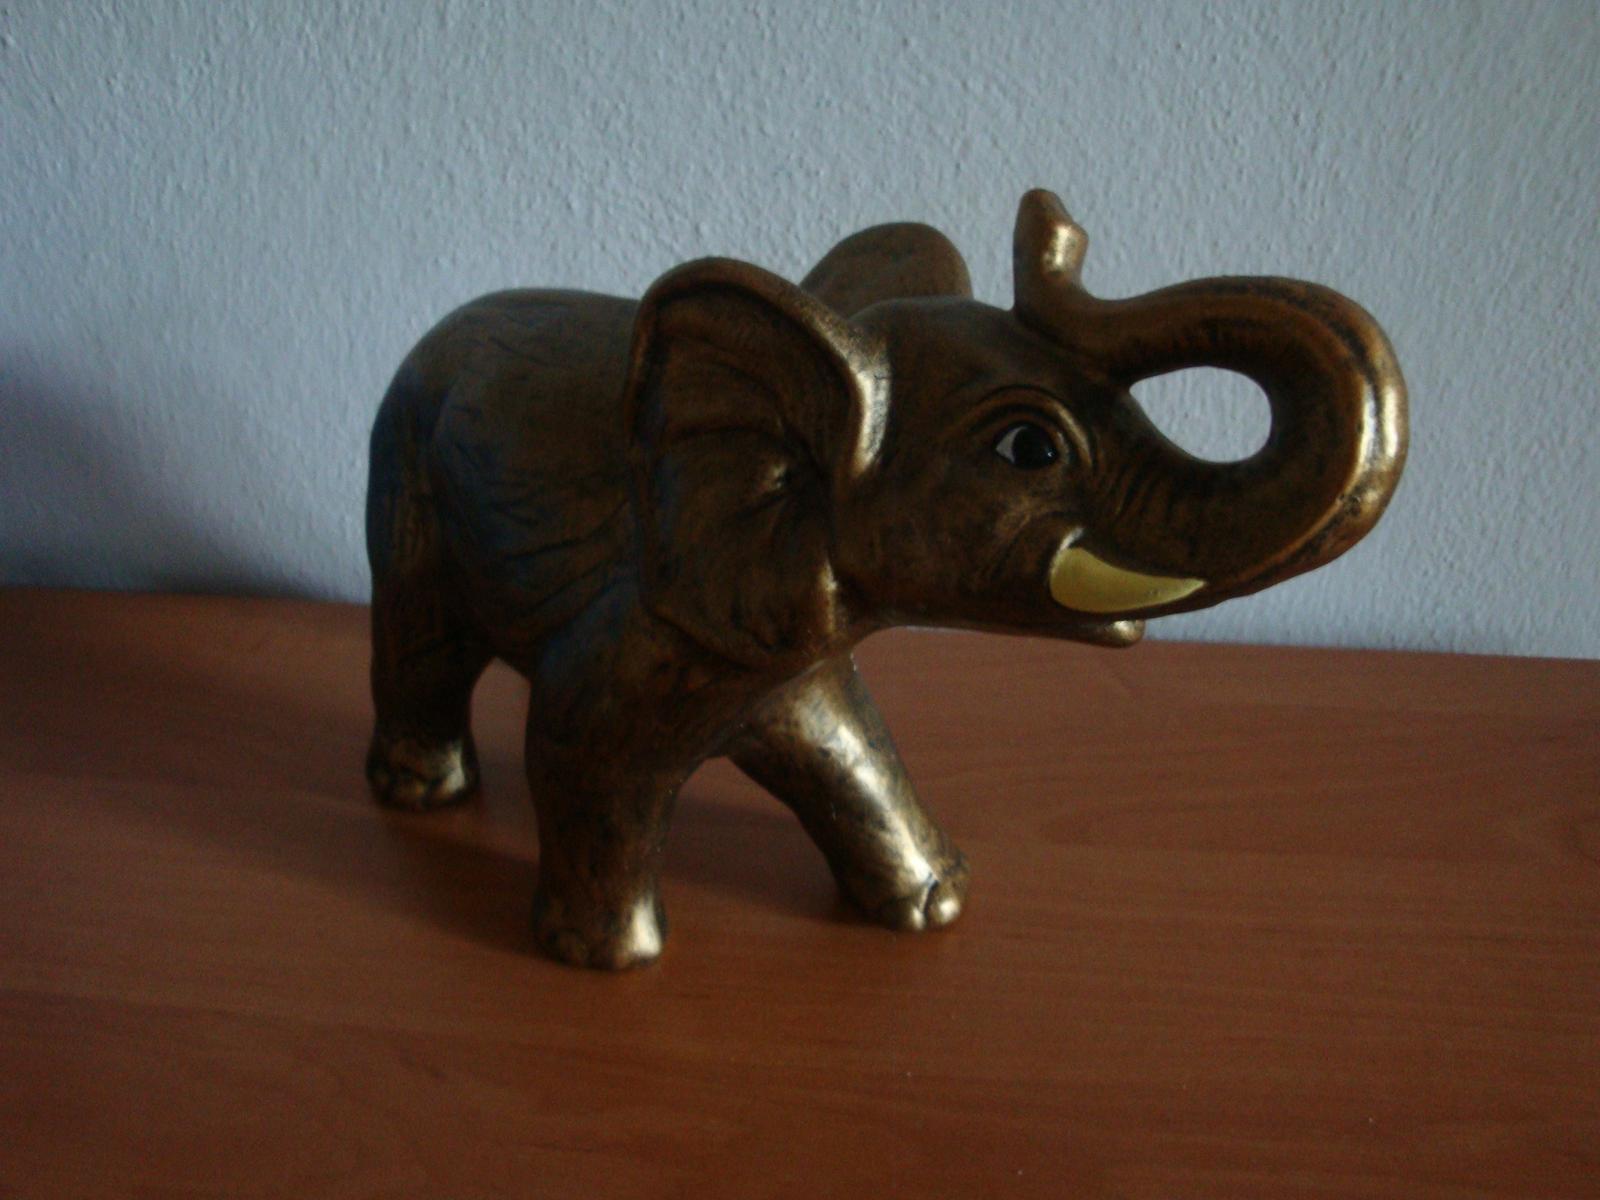 slon dekorácia - Obrázok č. 1